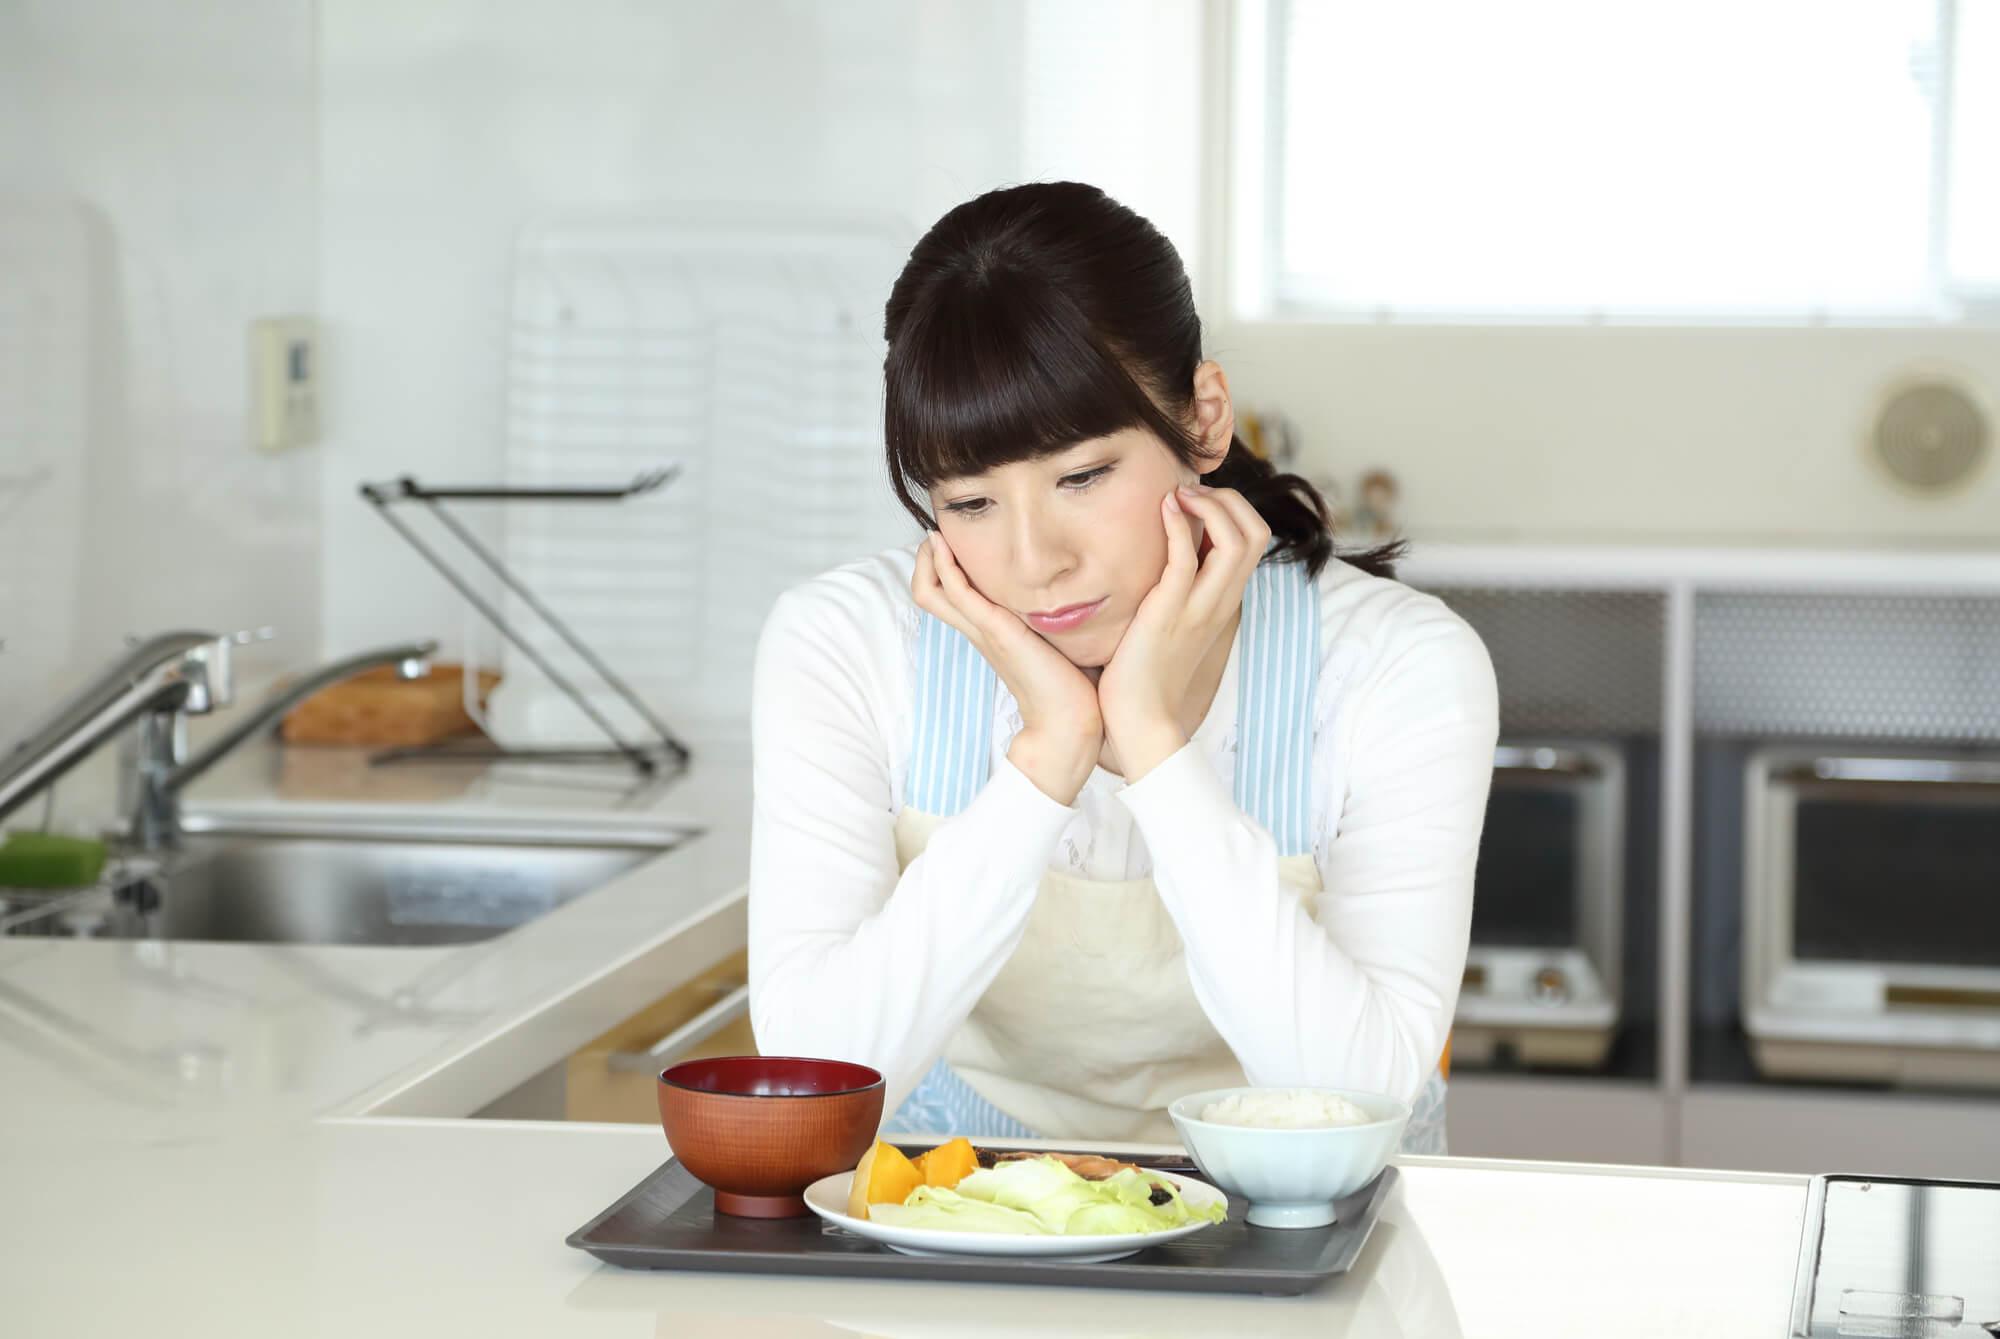 食欲のないときにおすすめ!クエン酸を使った冷しゃぶサラダ